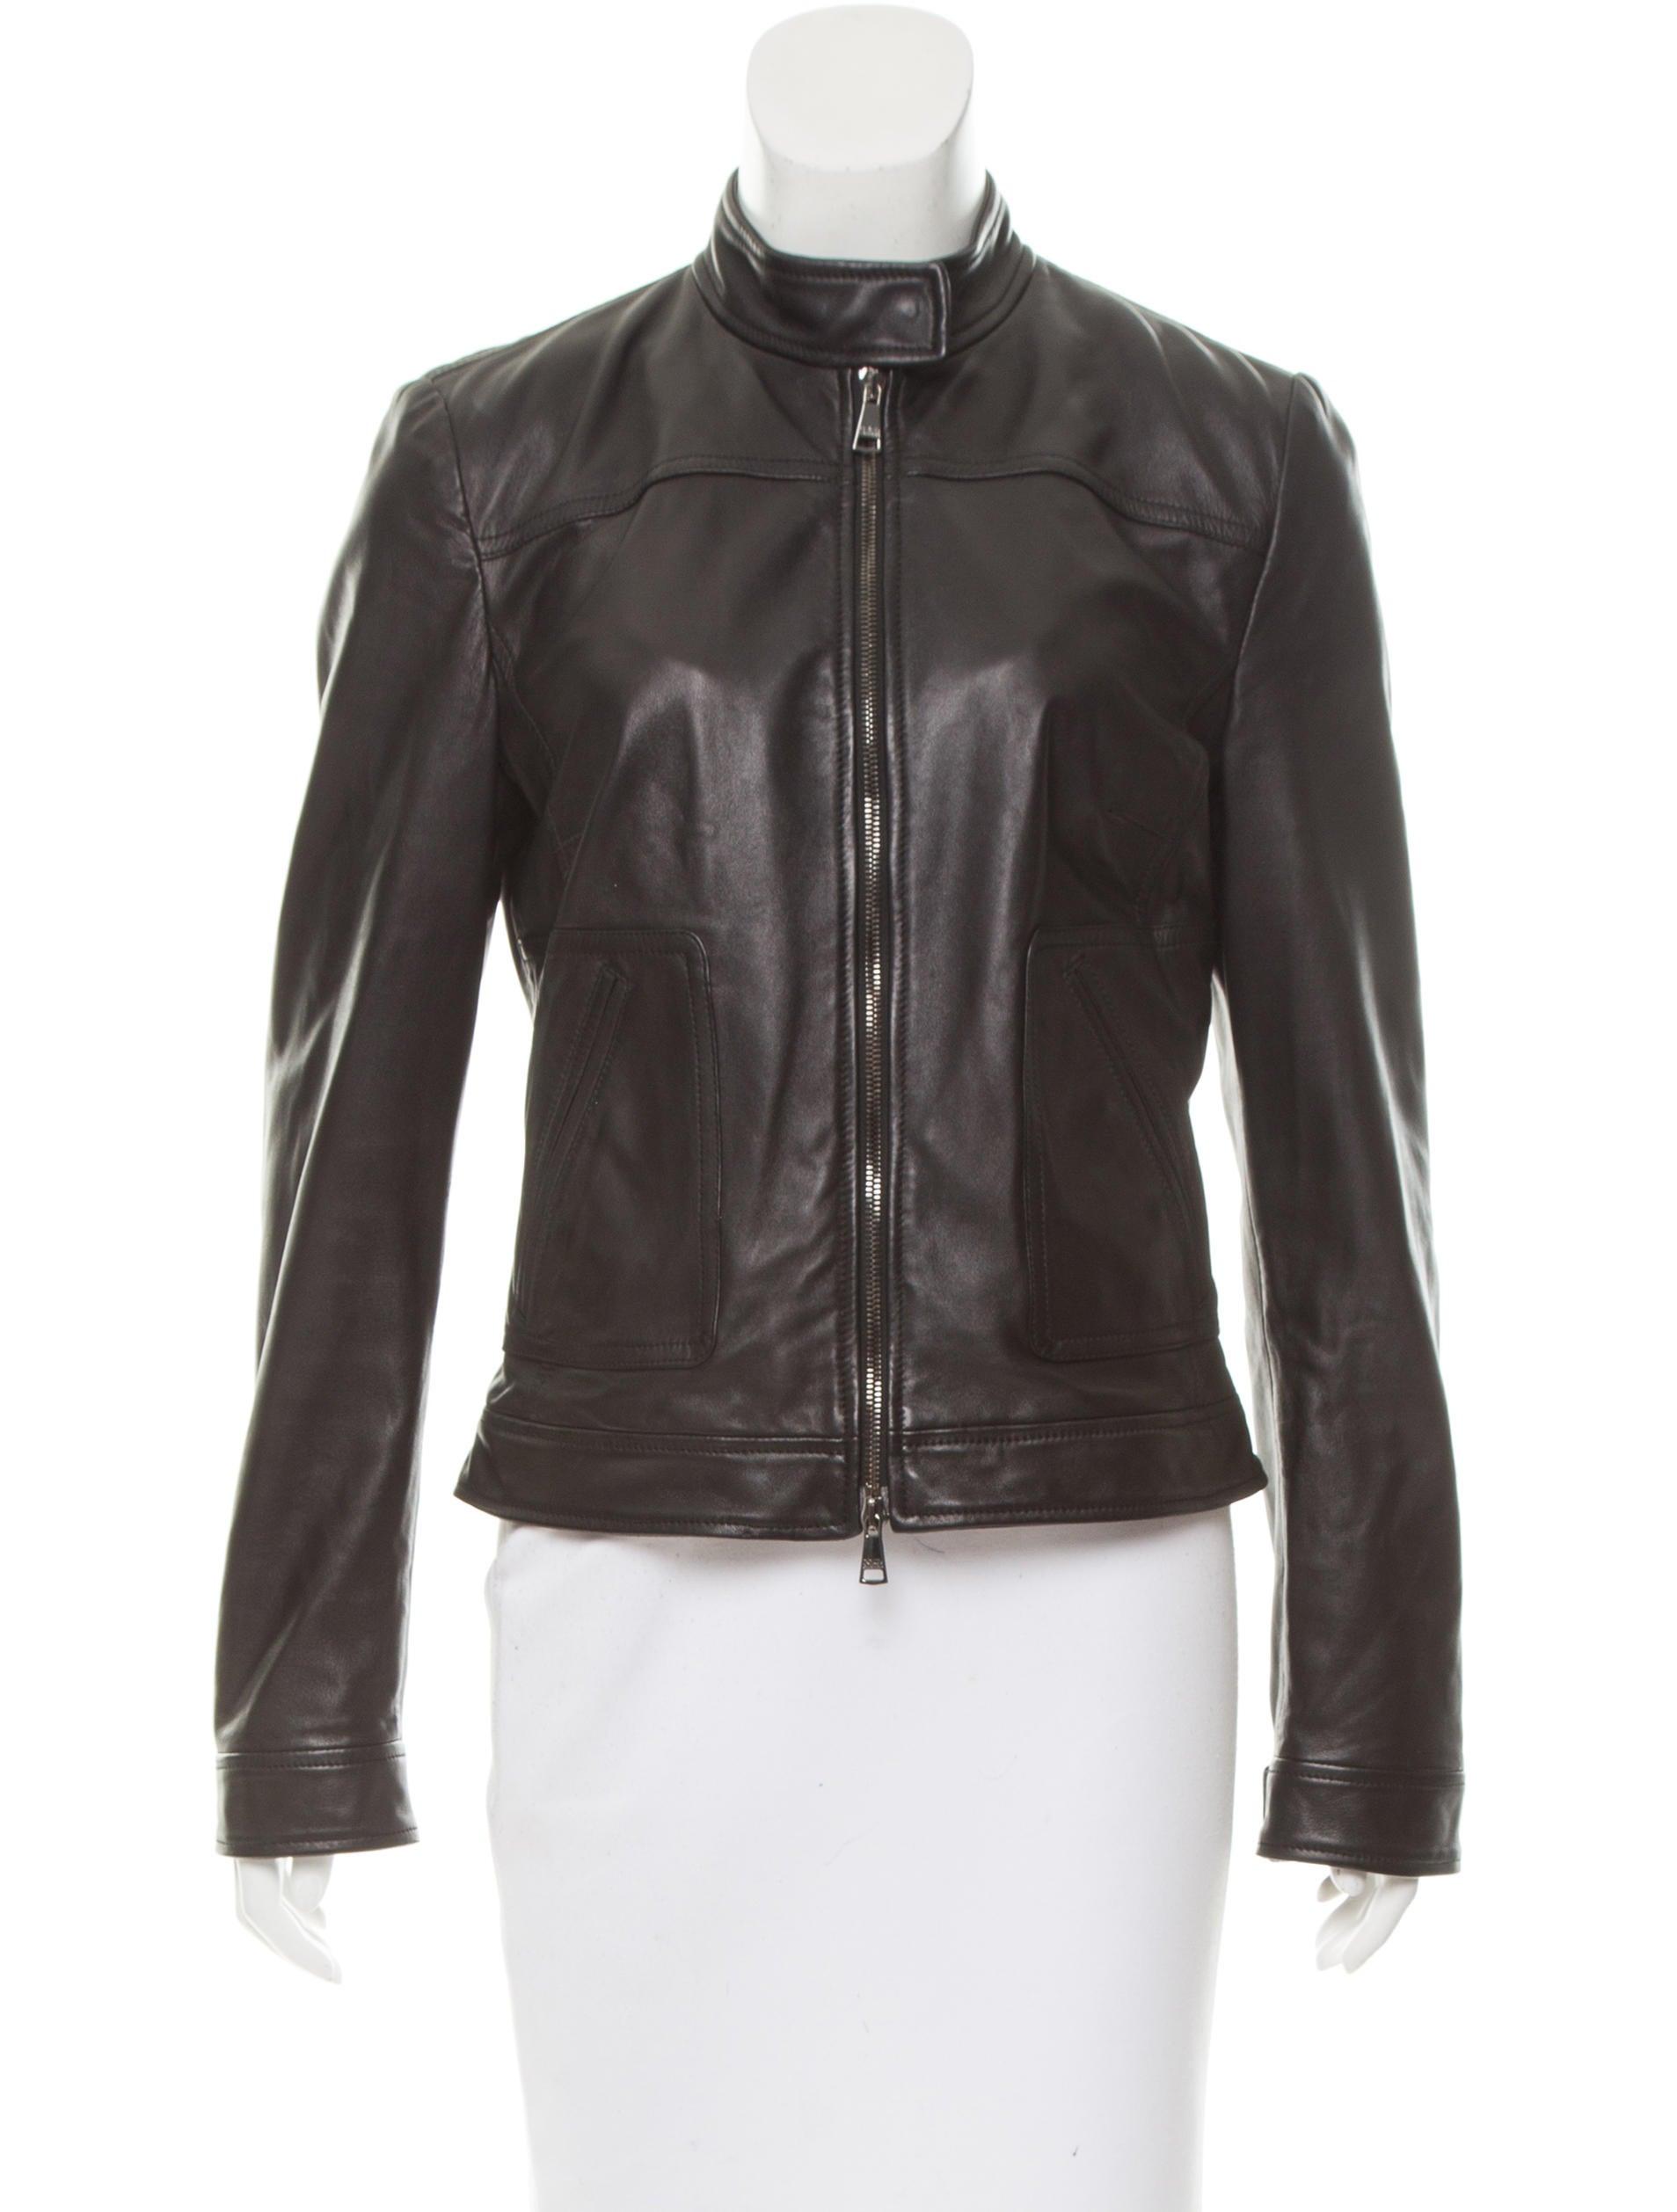 dolce gabbana leather biker jacket clothing dag79994 the realreal. Black Bedroom Furniture Sets. Home Design Ideas